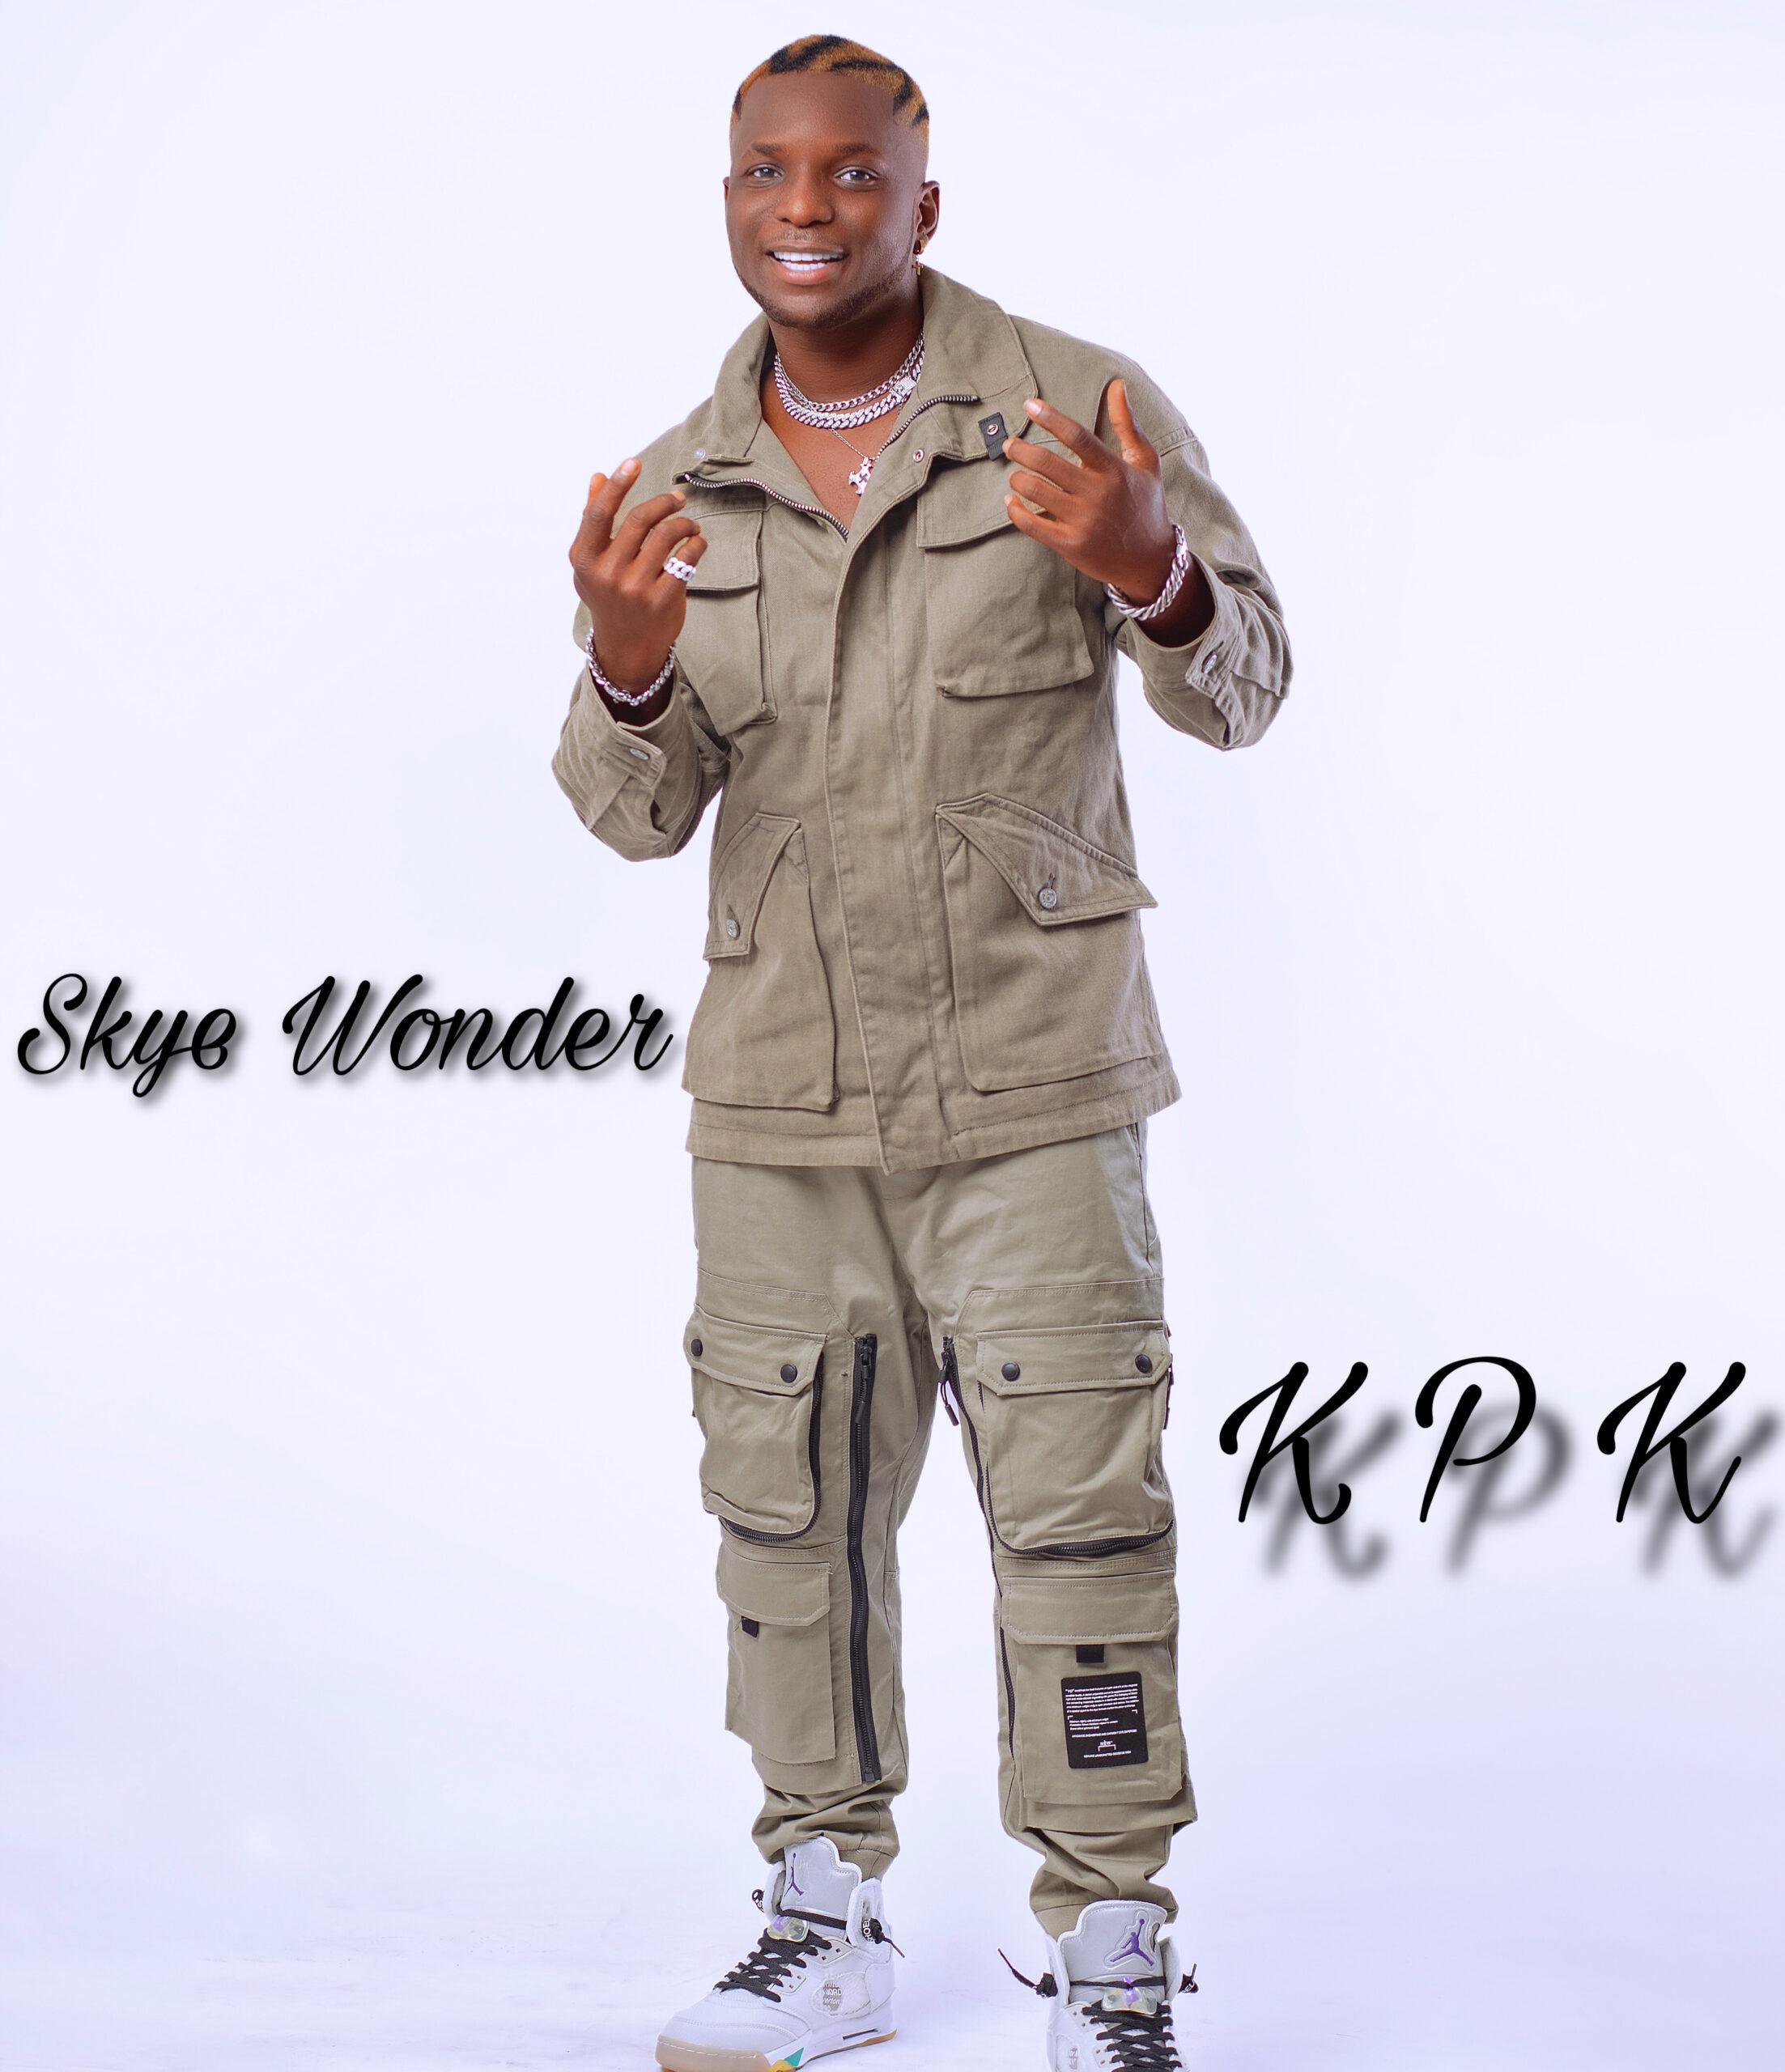 Skye Wonder- KPK (Ko Po Ke)